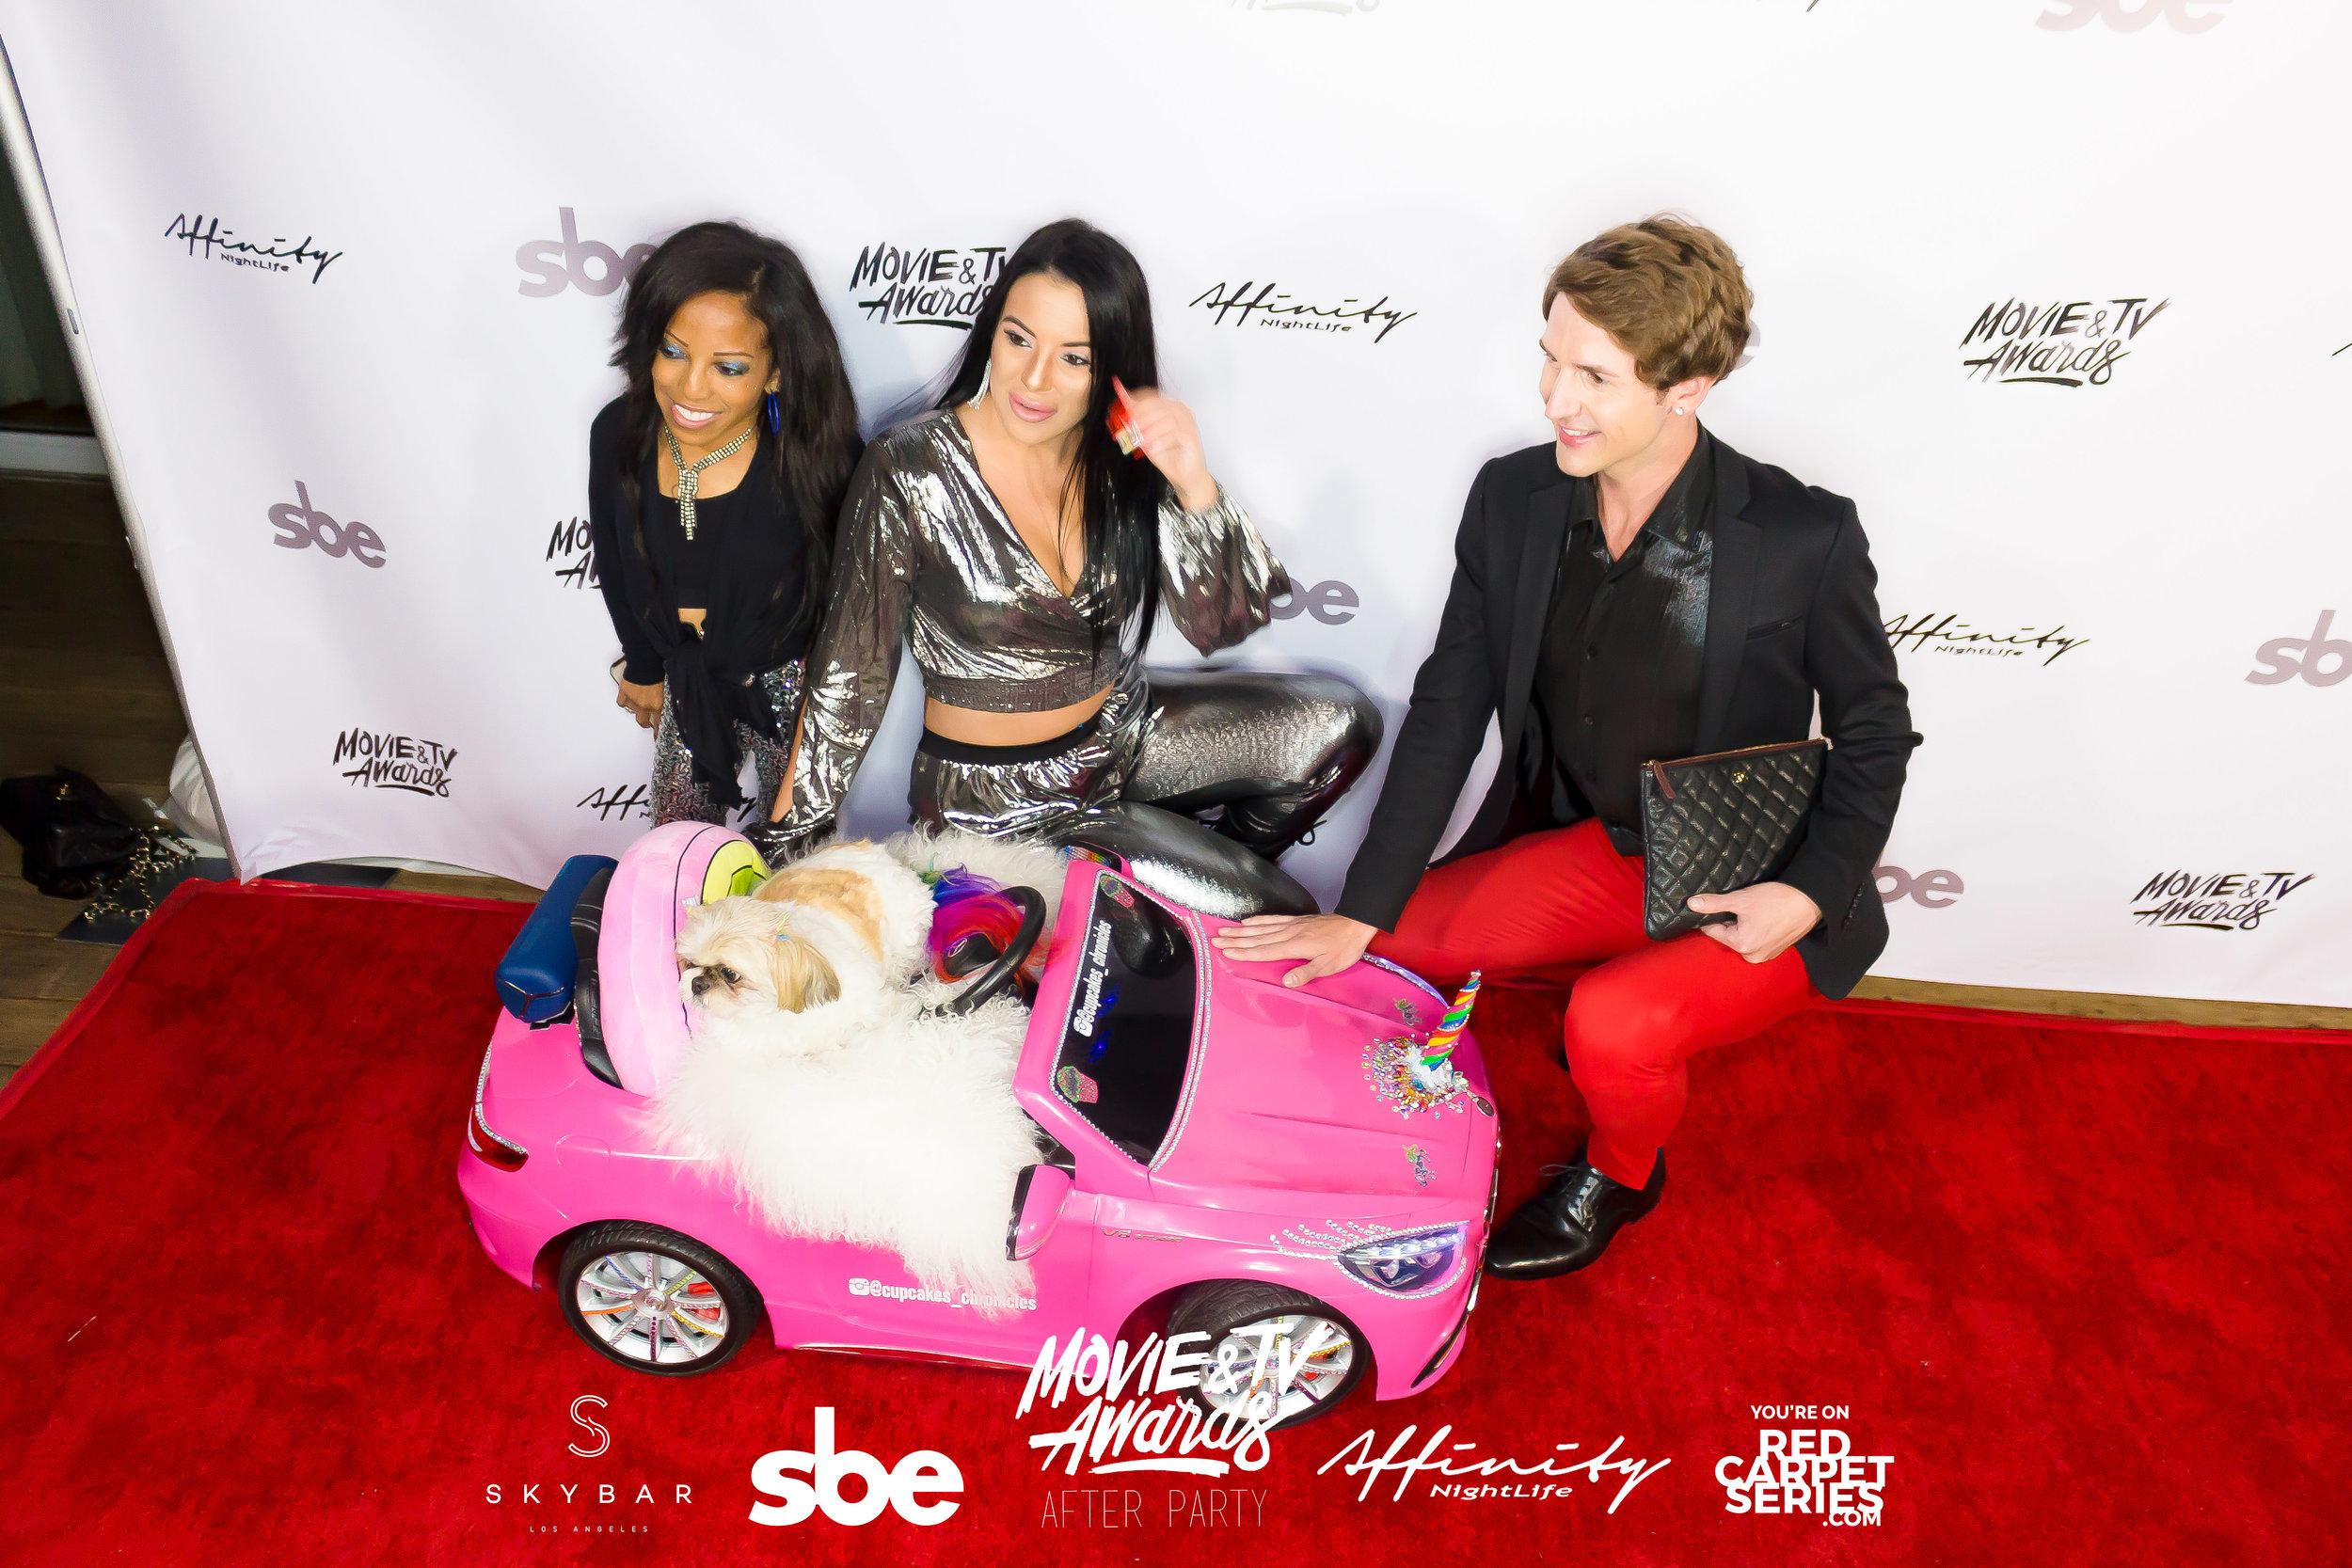 Affinity Nightlife MTV Movie & TV Awards After Party - Skybar at Mondrian - 06-15-19 - Vol. 2_47.jpg